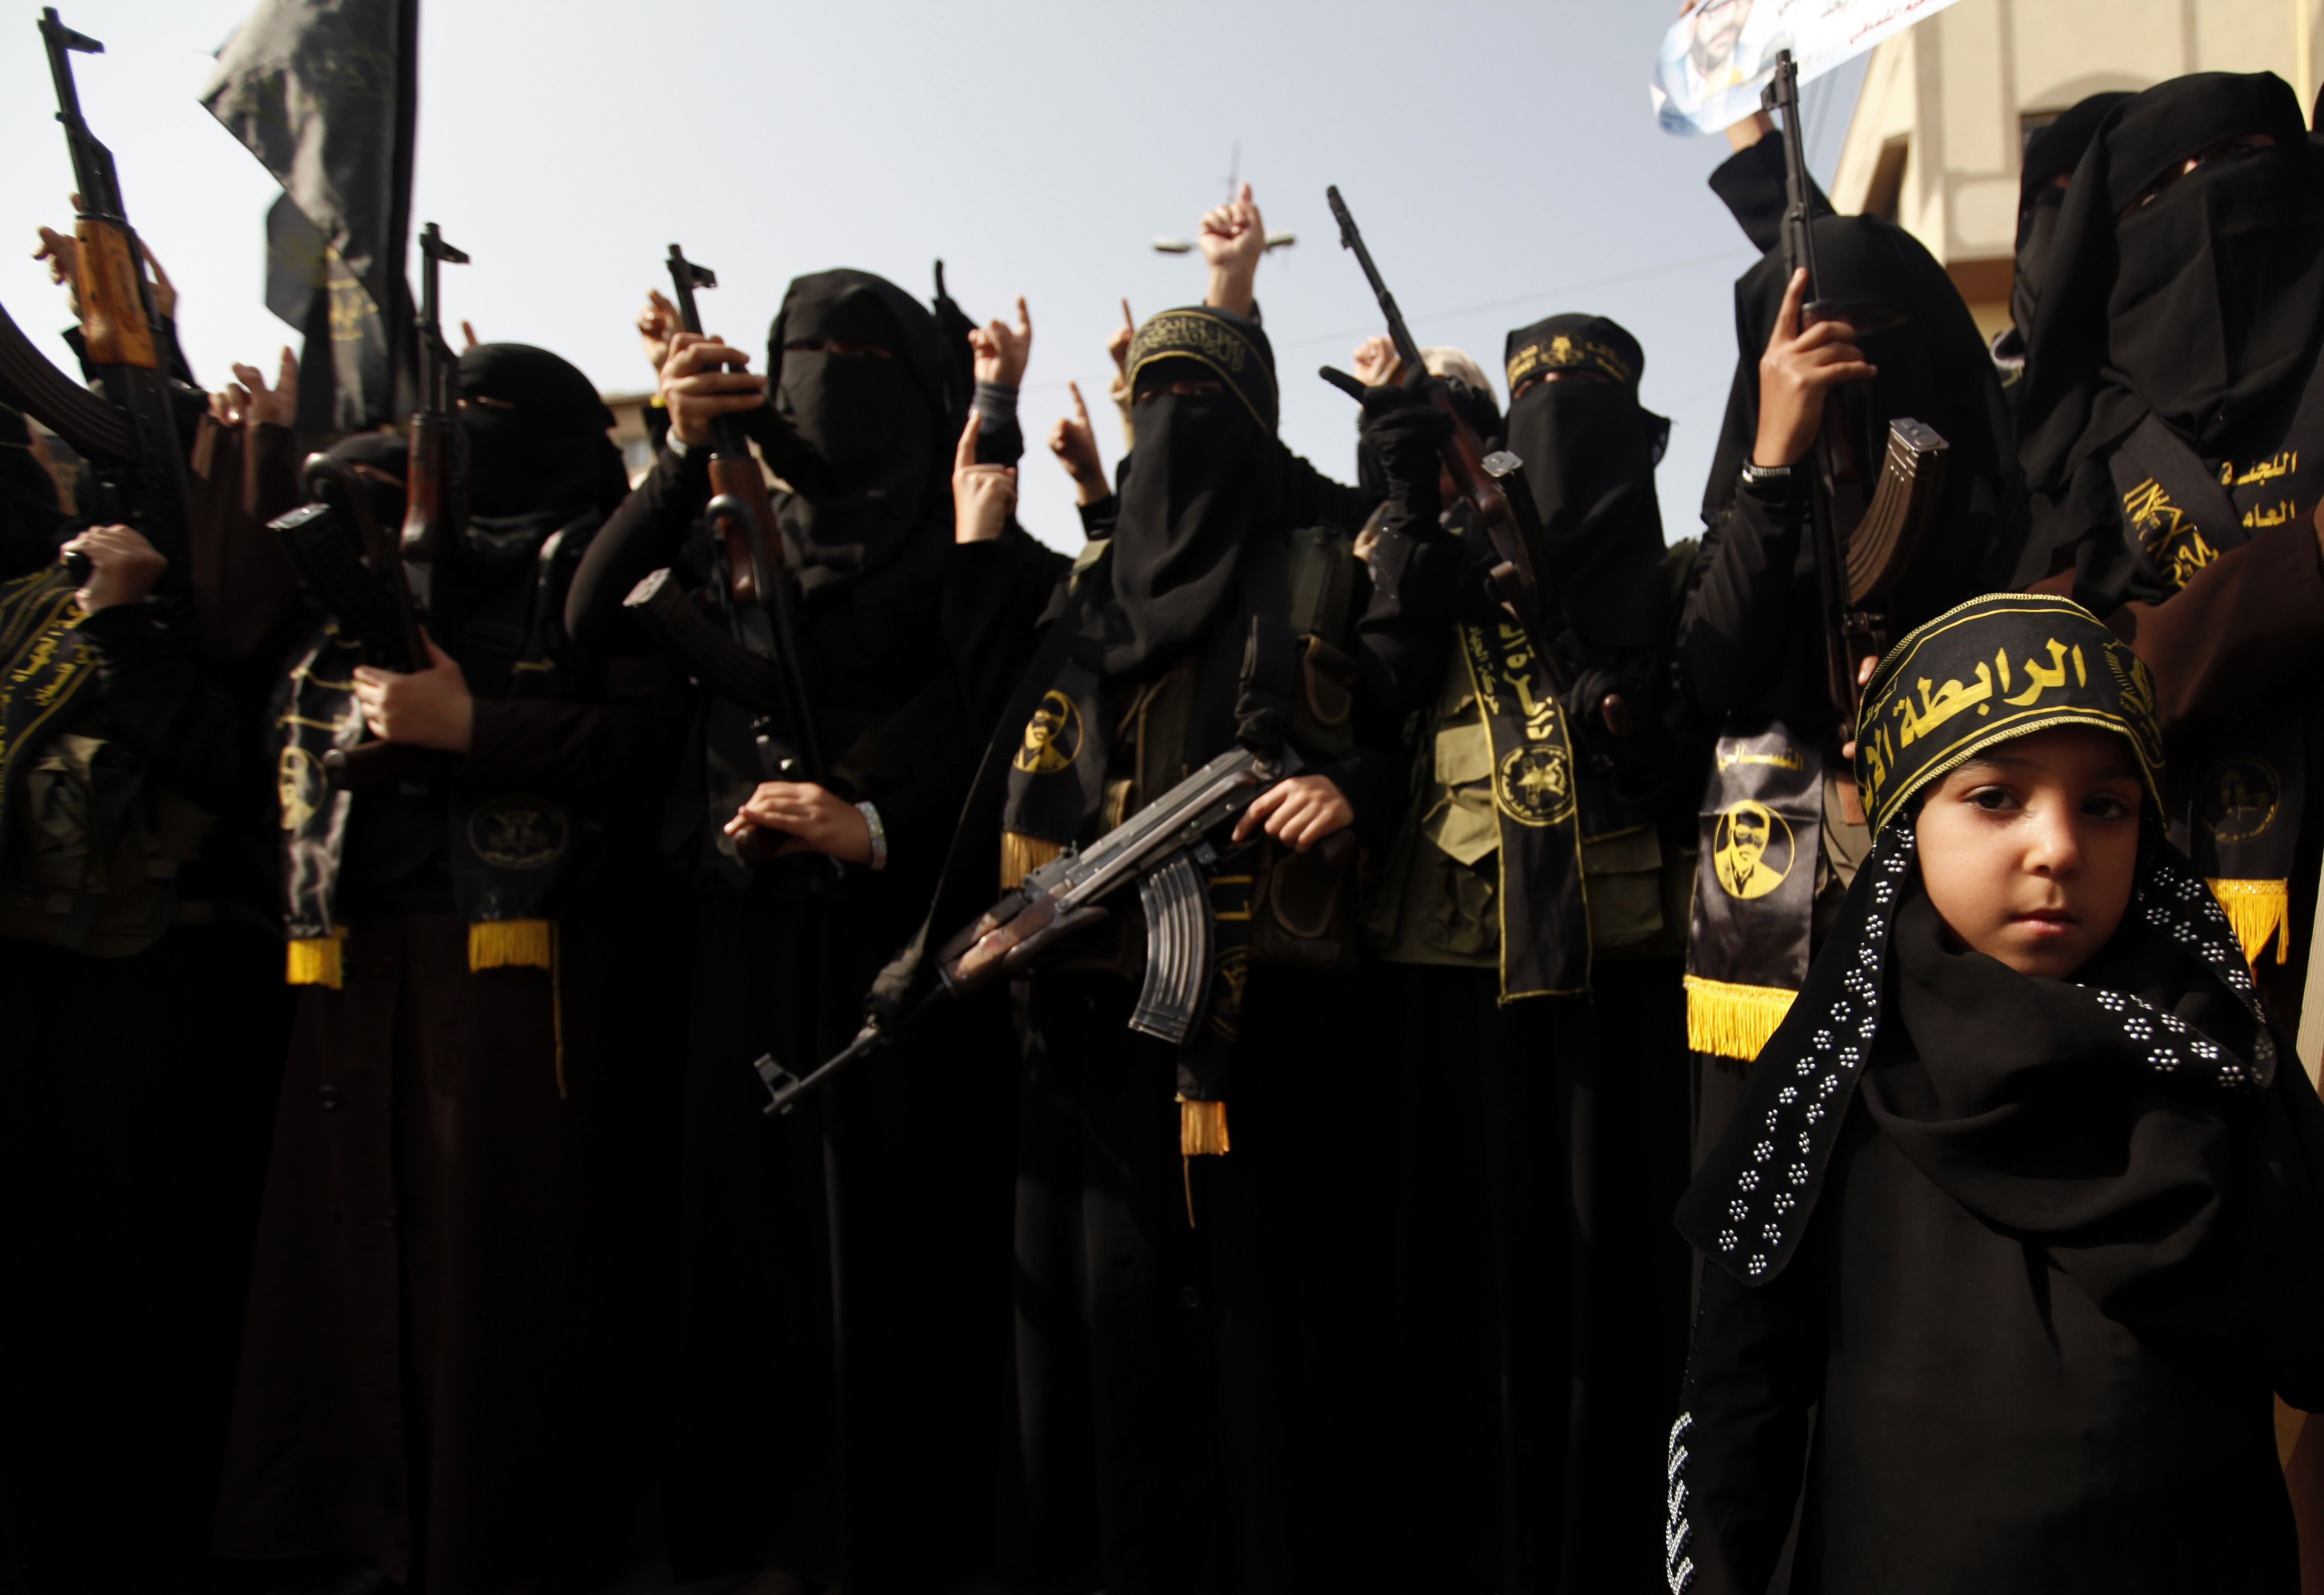 Что такое джихад в исламе, как его объясняют? - topkin | 2020